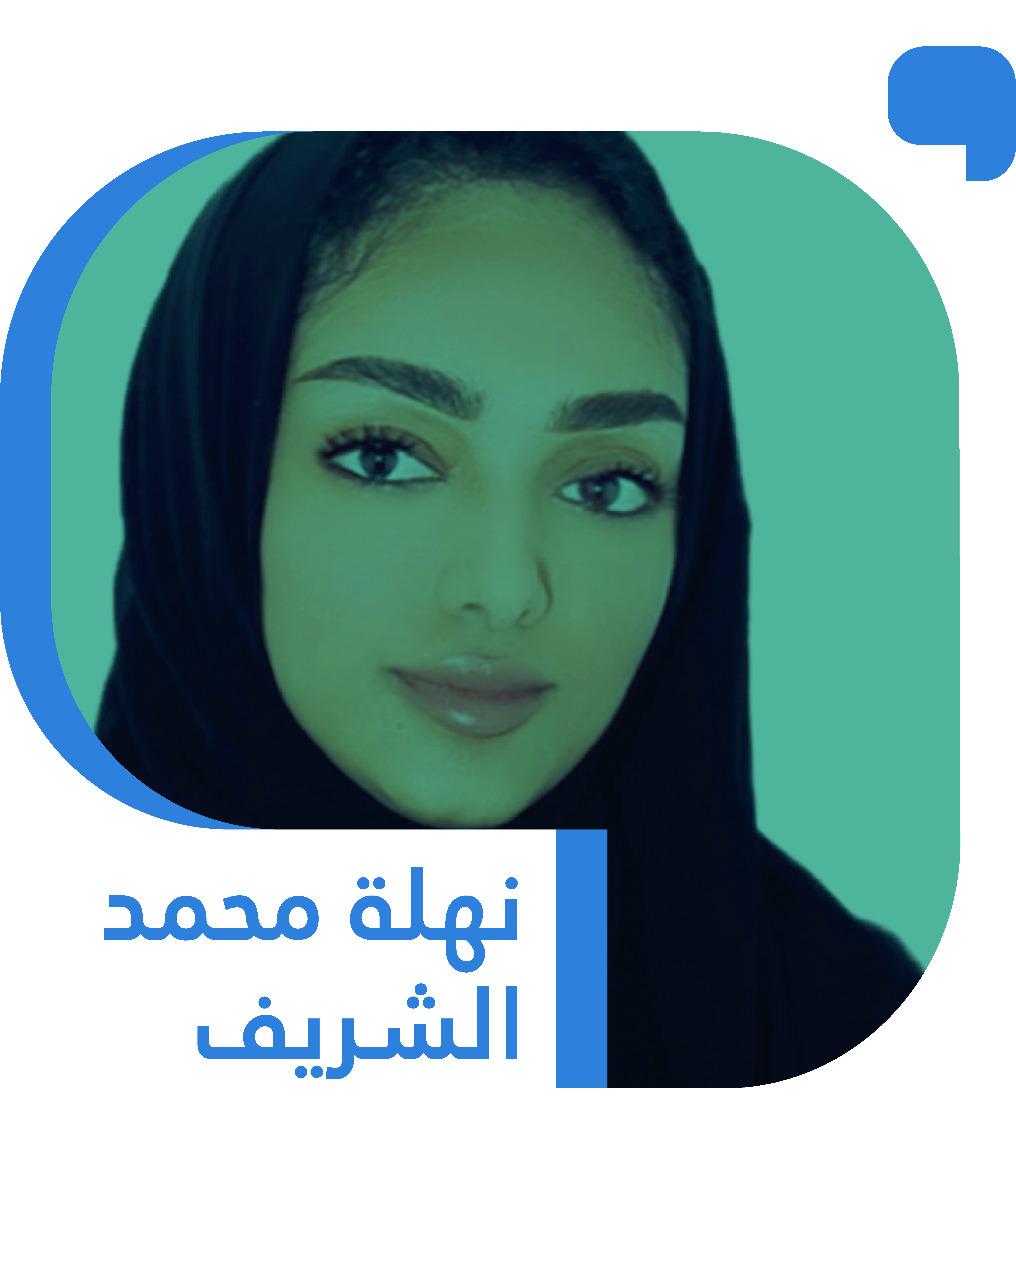 الكاتبة الصحفية نهلة محمد الشريف